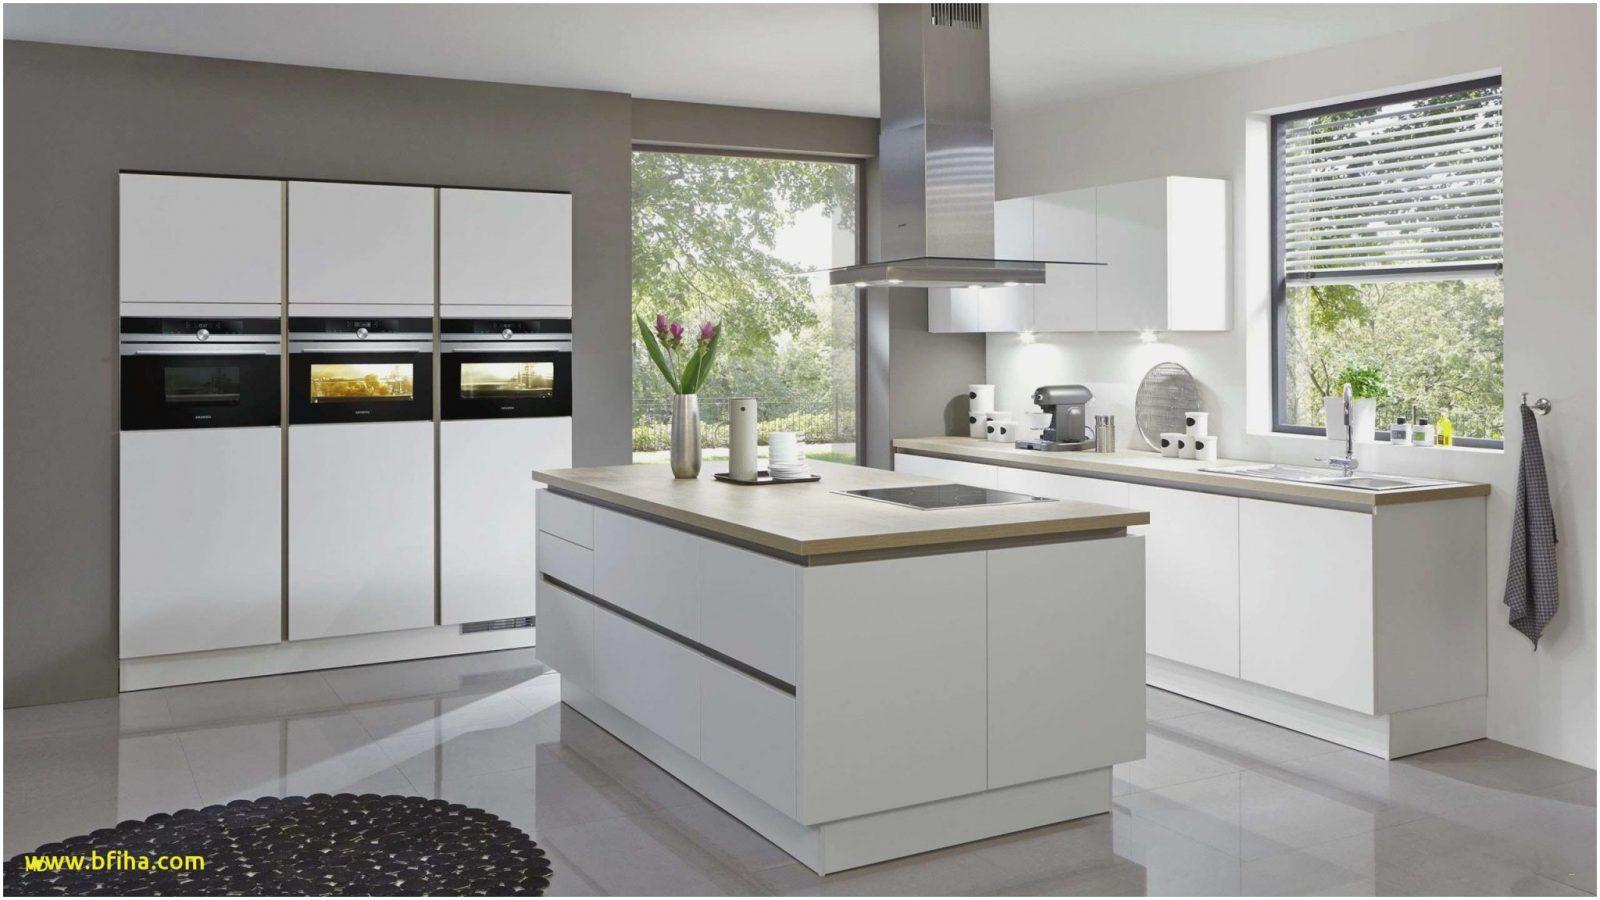 Ikea Küche Planen  Jorse Blog von Küchen L Form Poco Photo